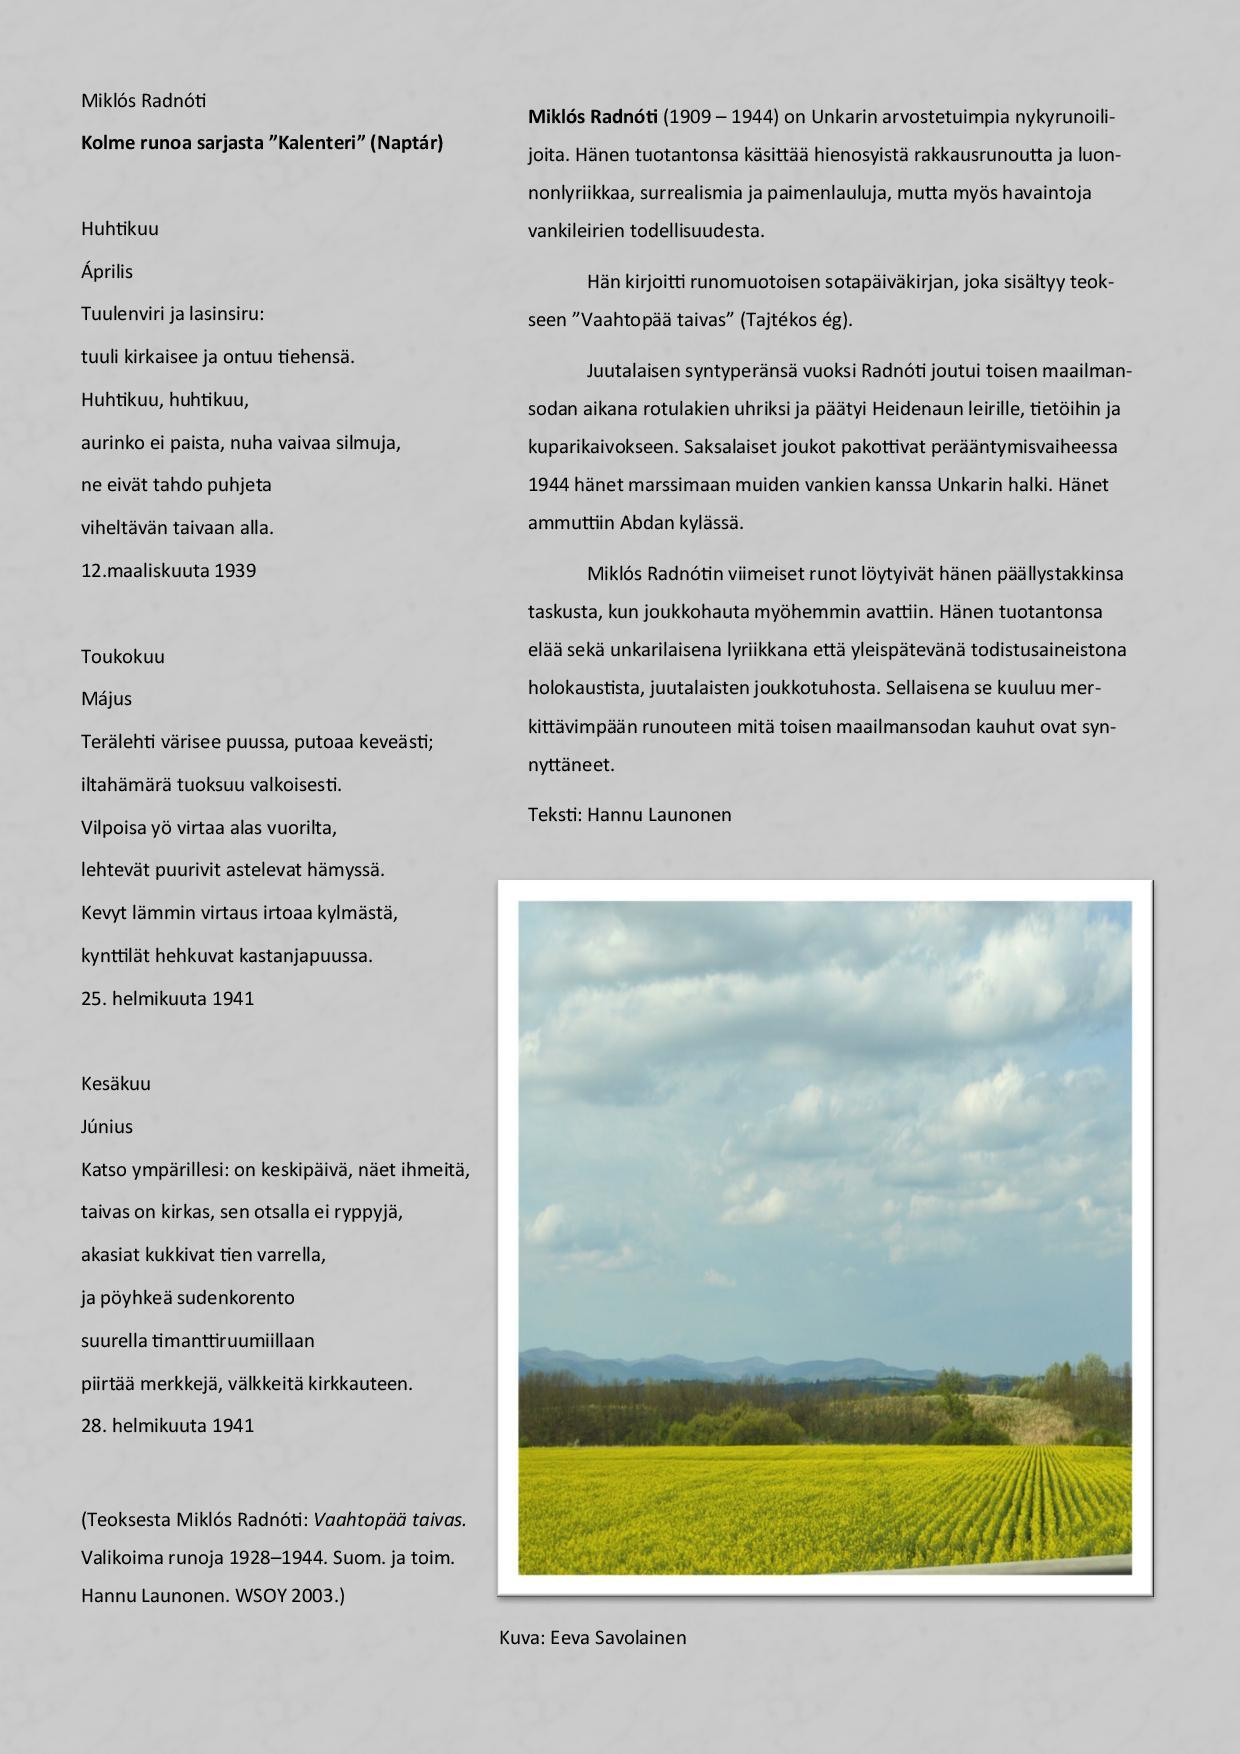 sus-hki-tiedote-2-2019_valmis-versio1-page-003